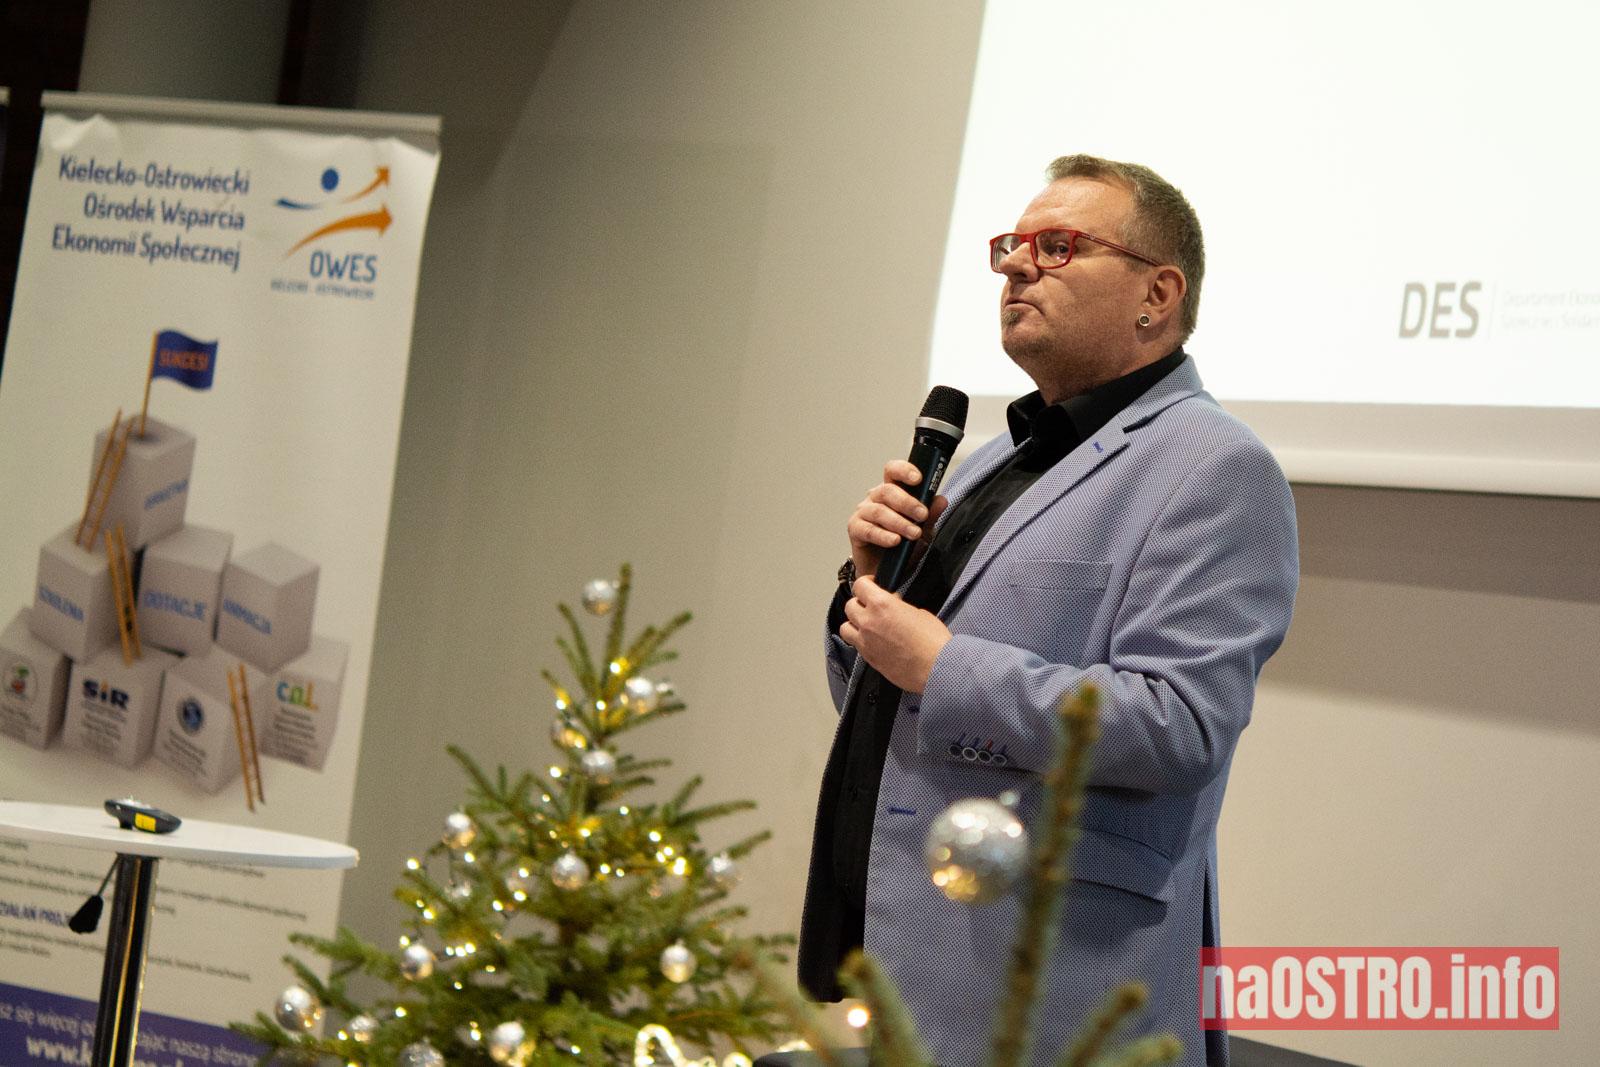 NaOSTRO Krzemienny Krąg konferencja-6